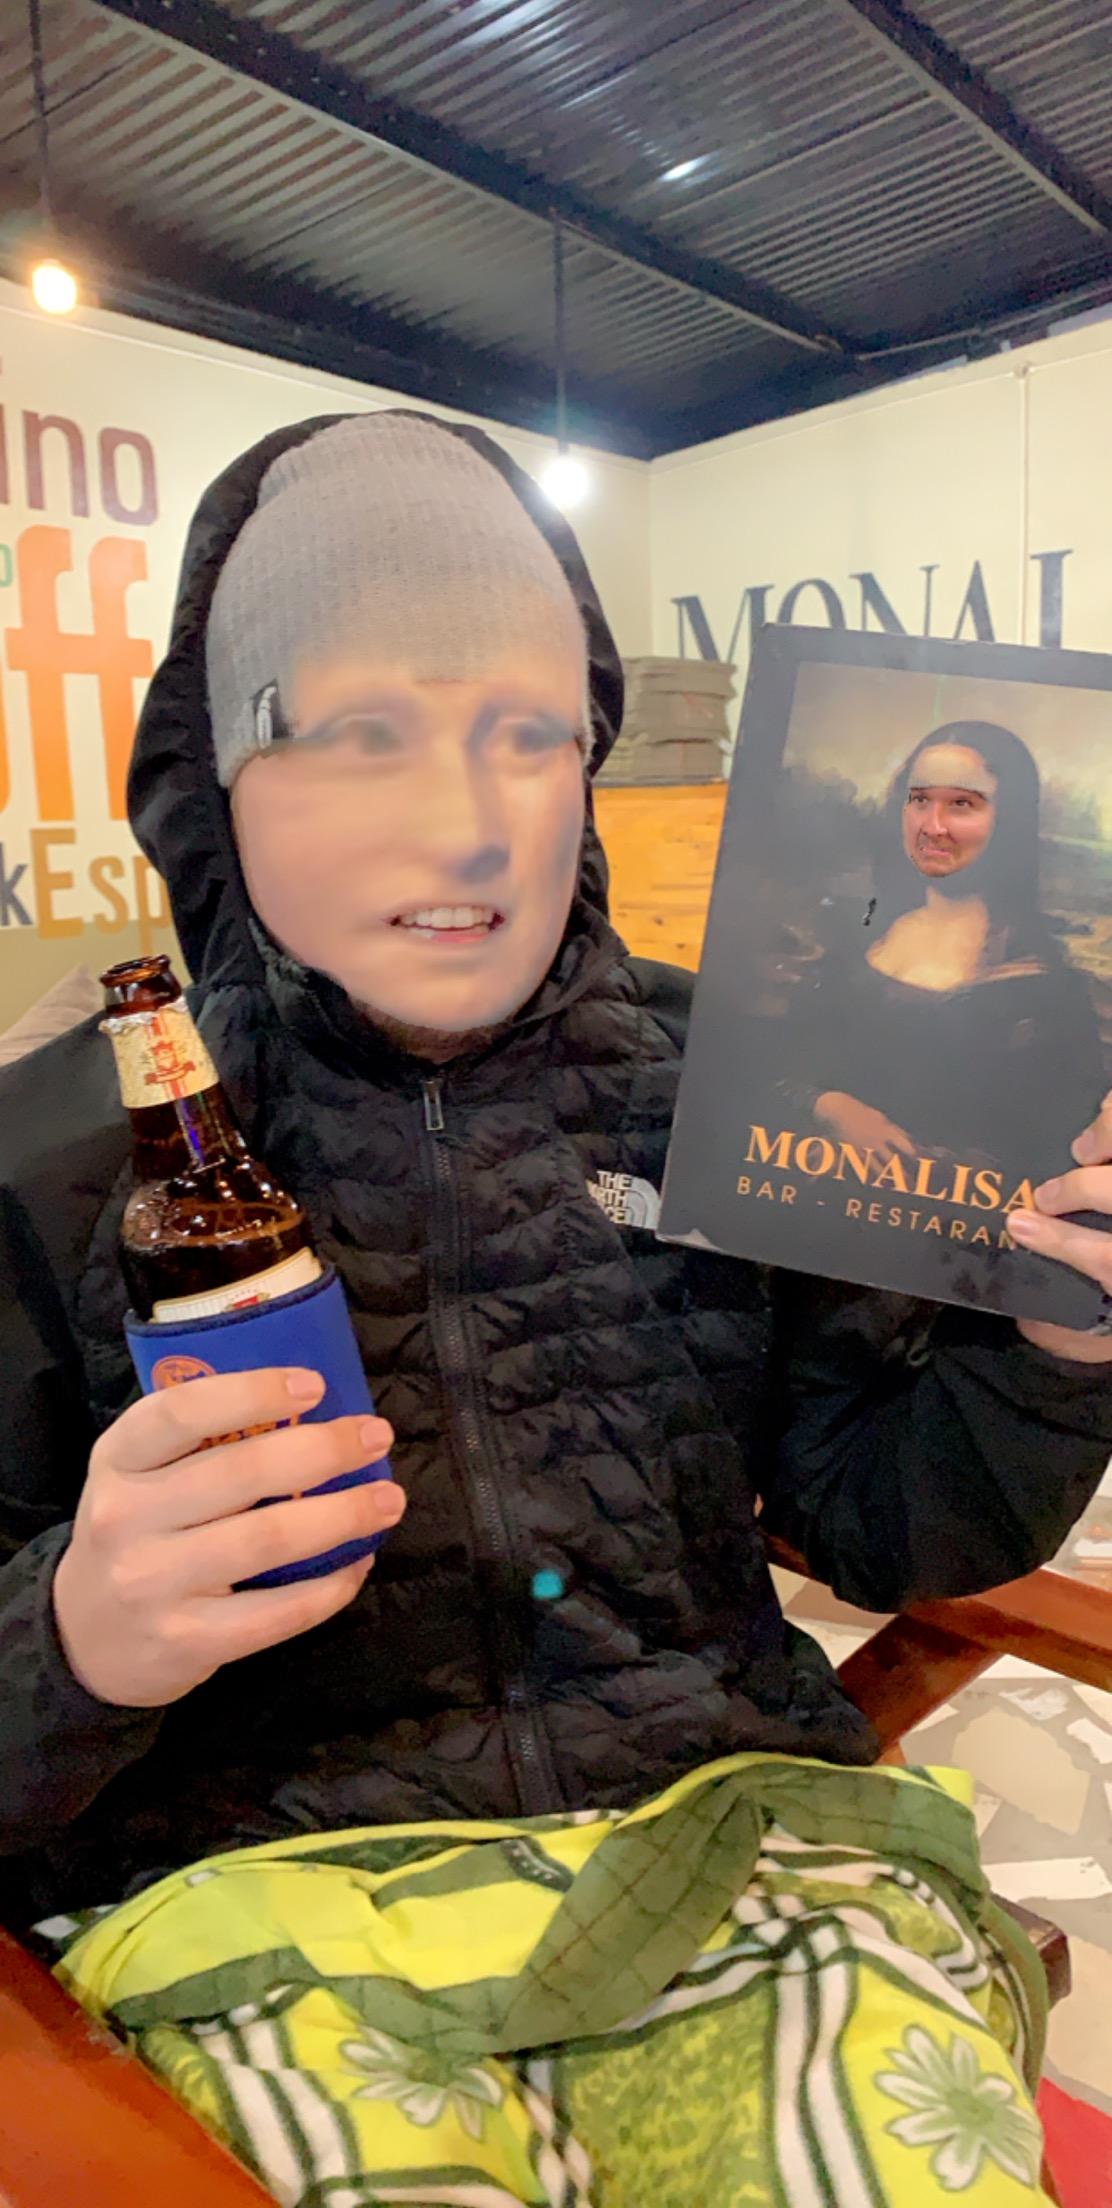 Actual photo of me at Monalisa.